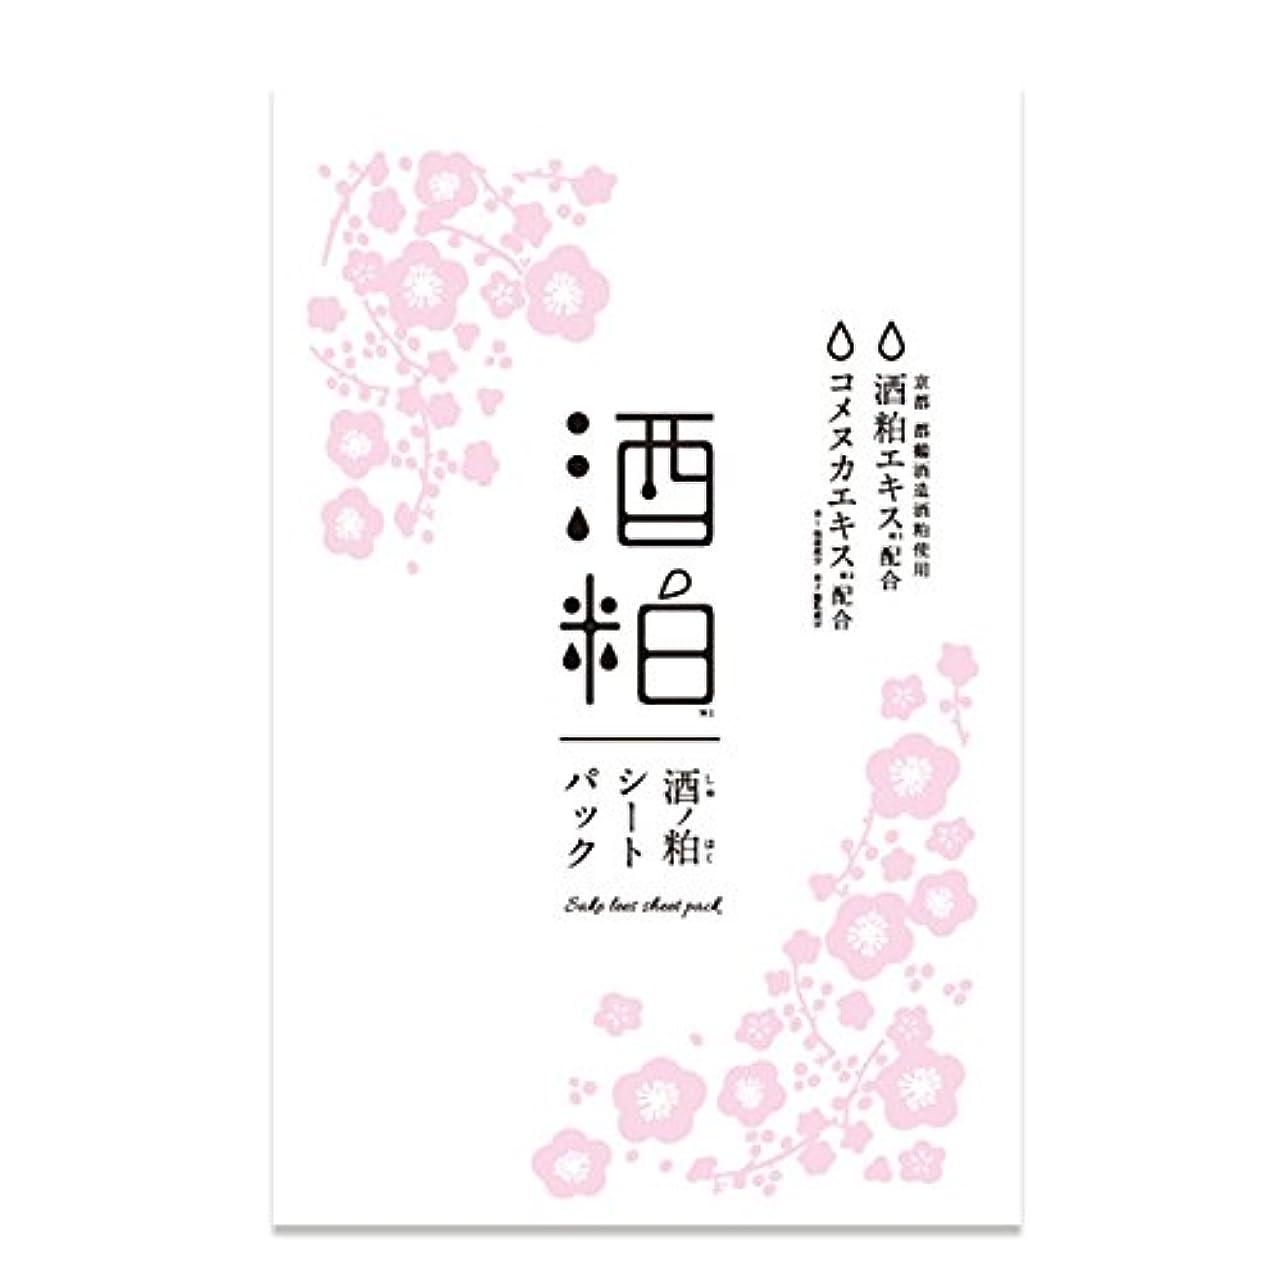 間隔スローガン反論者酒粕シートパック(美白マスク)5枚セット 京都酒蔵の大吟醸酒粕のみ使用